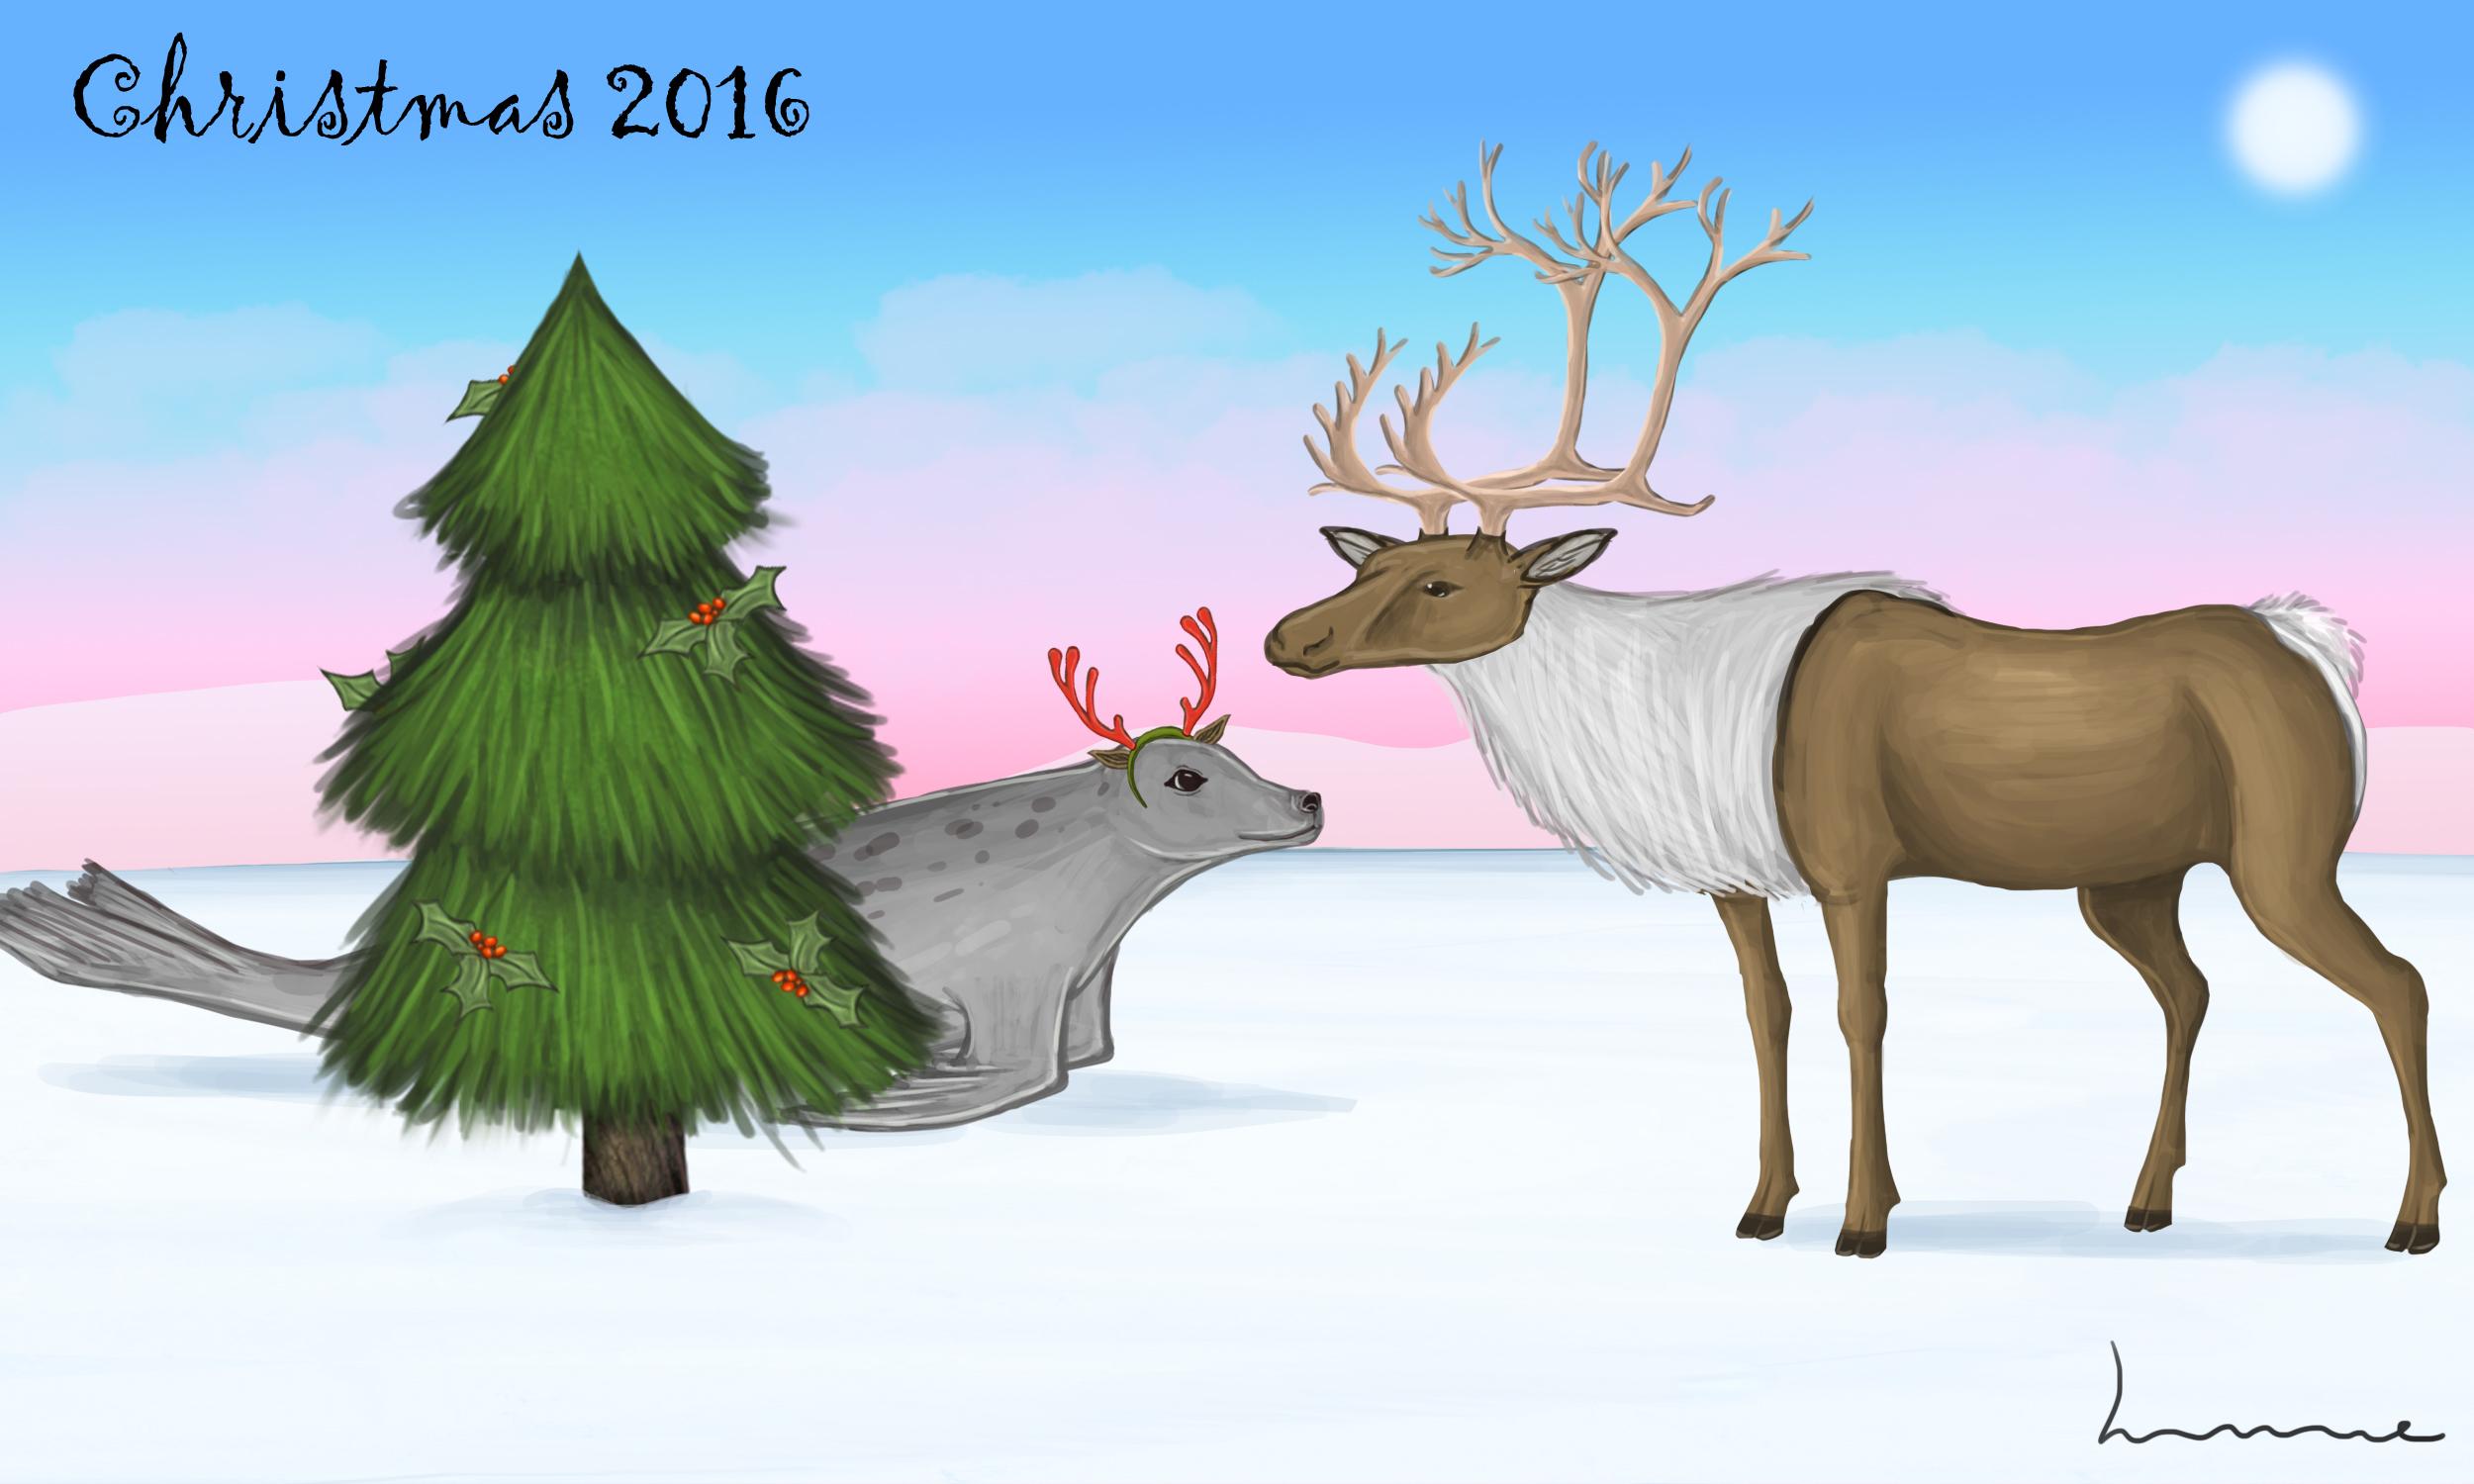 Christmas 2016 by Louisetheanimator